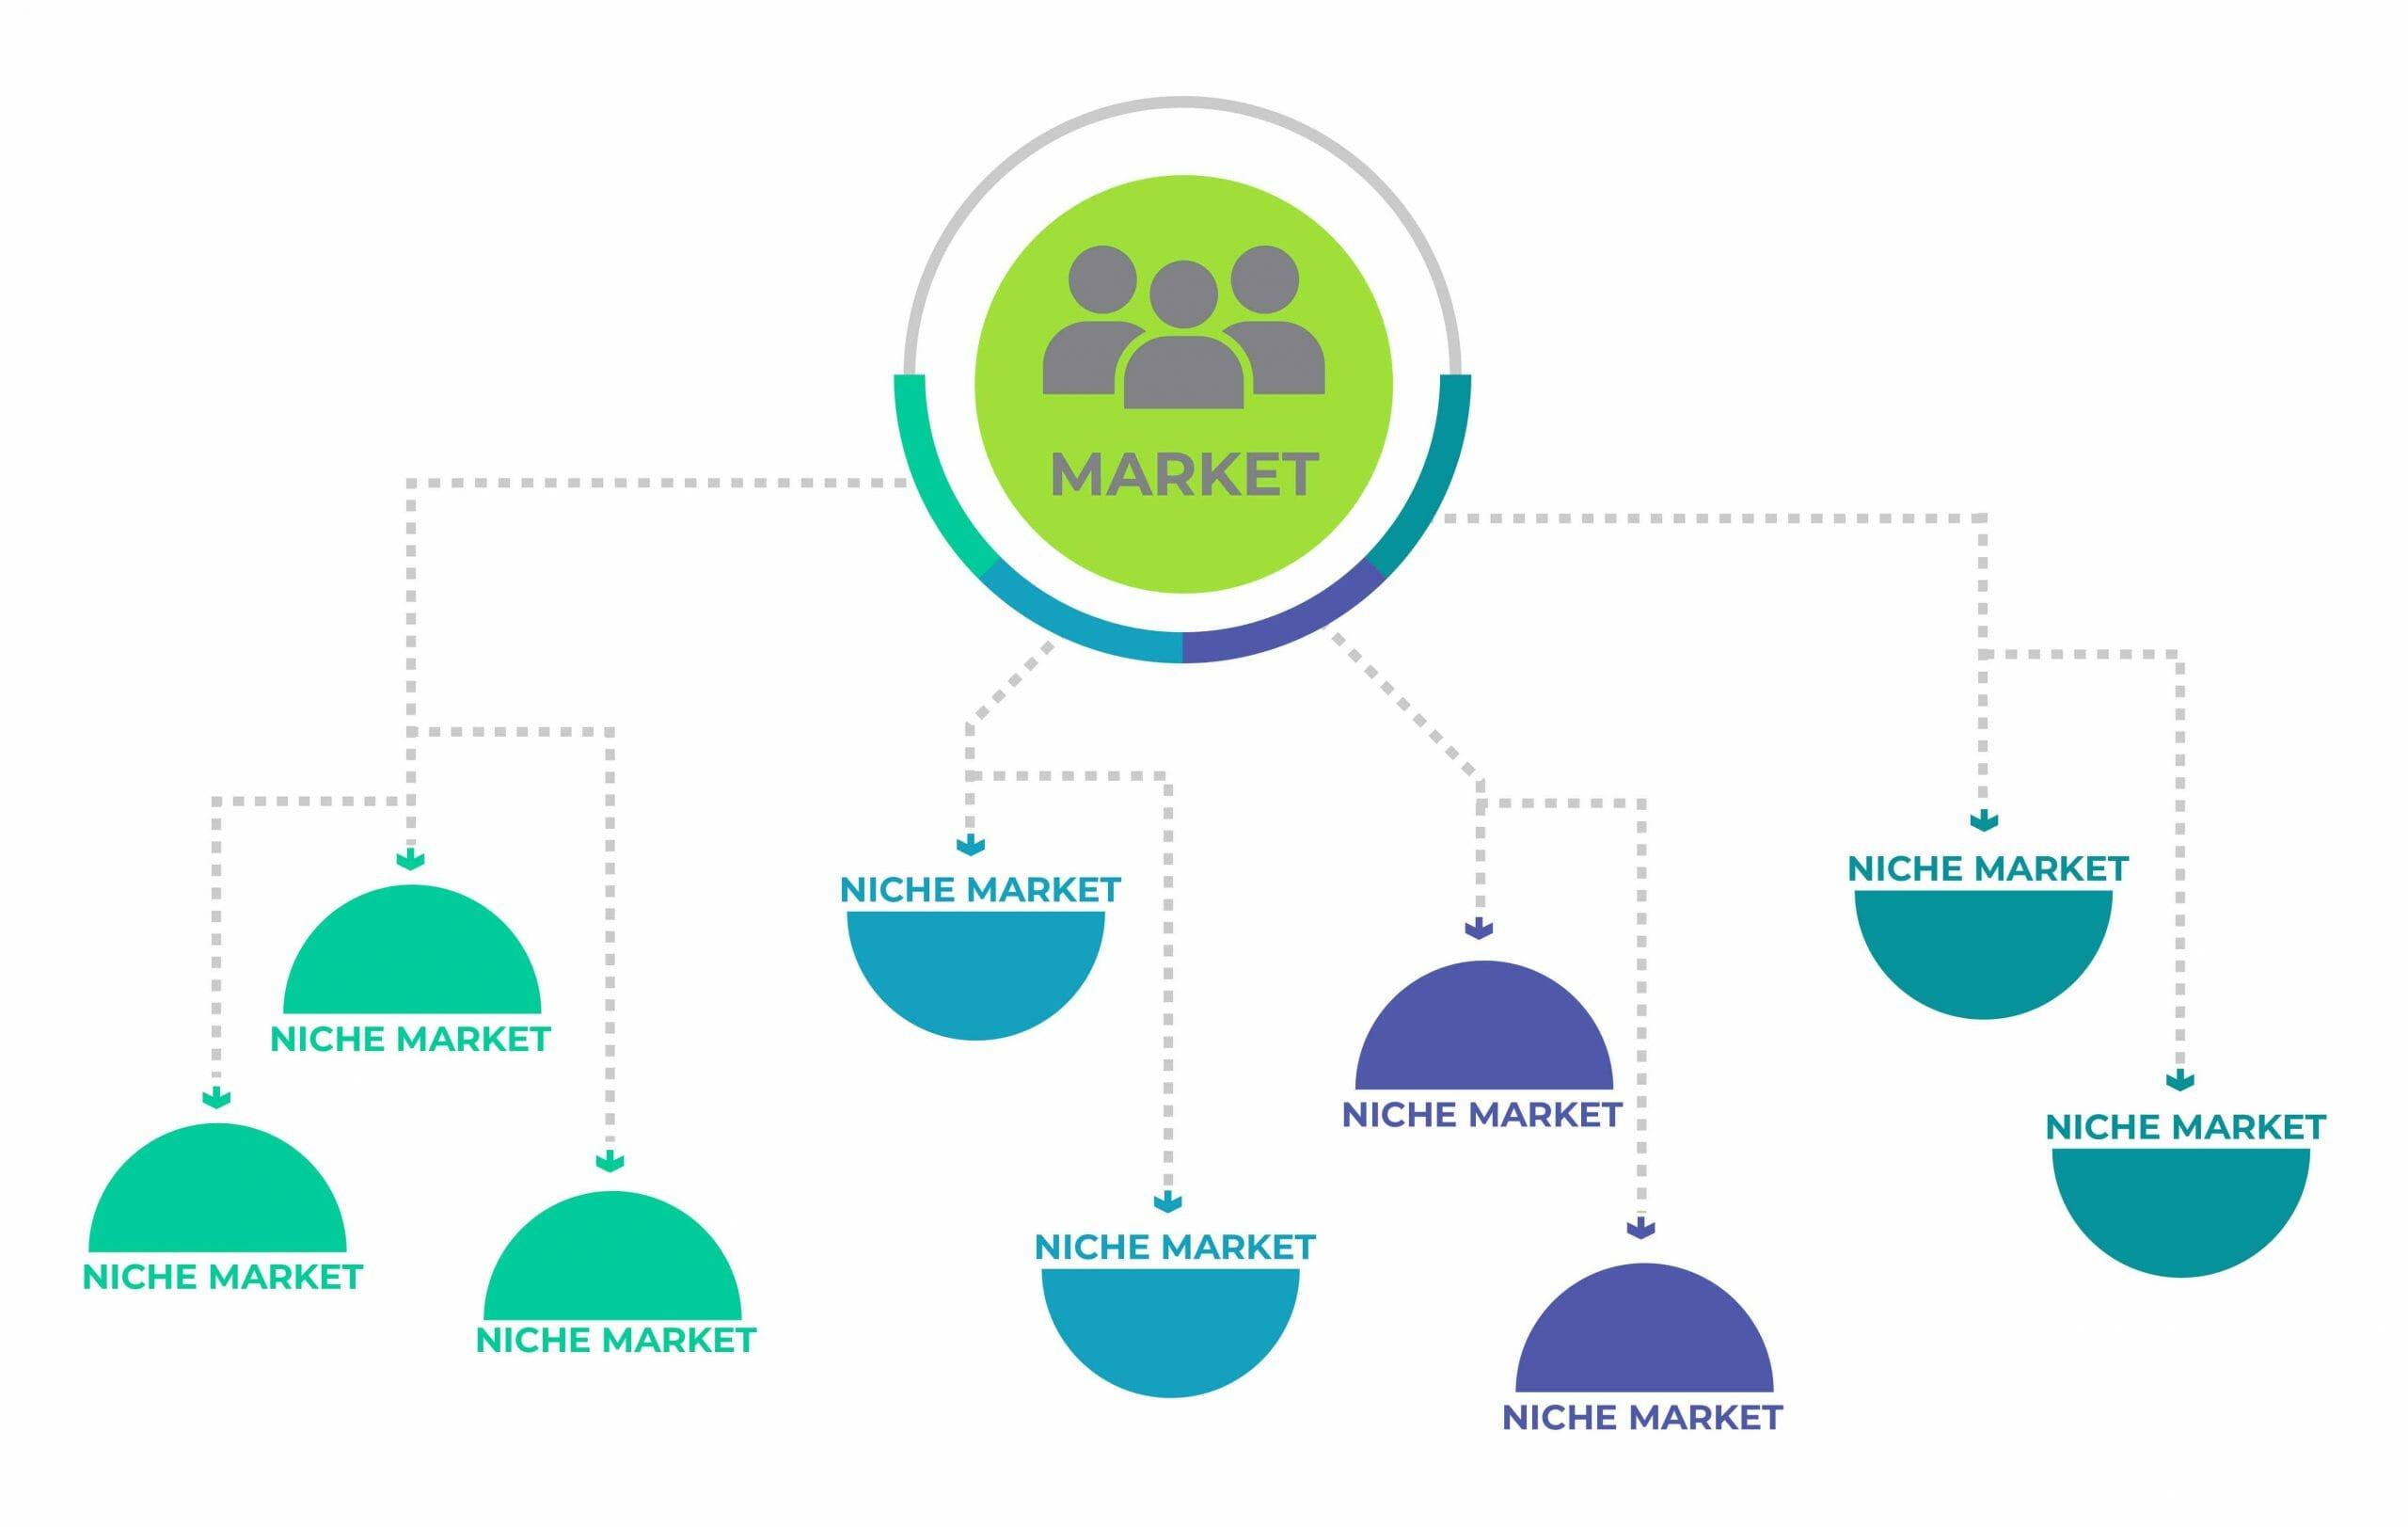 Niche Market hierarchy